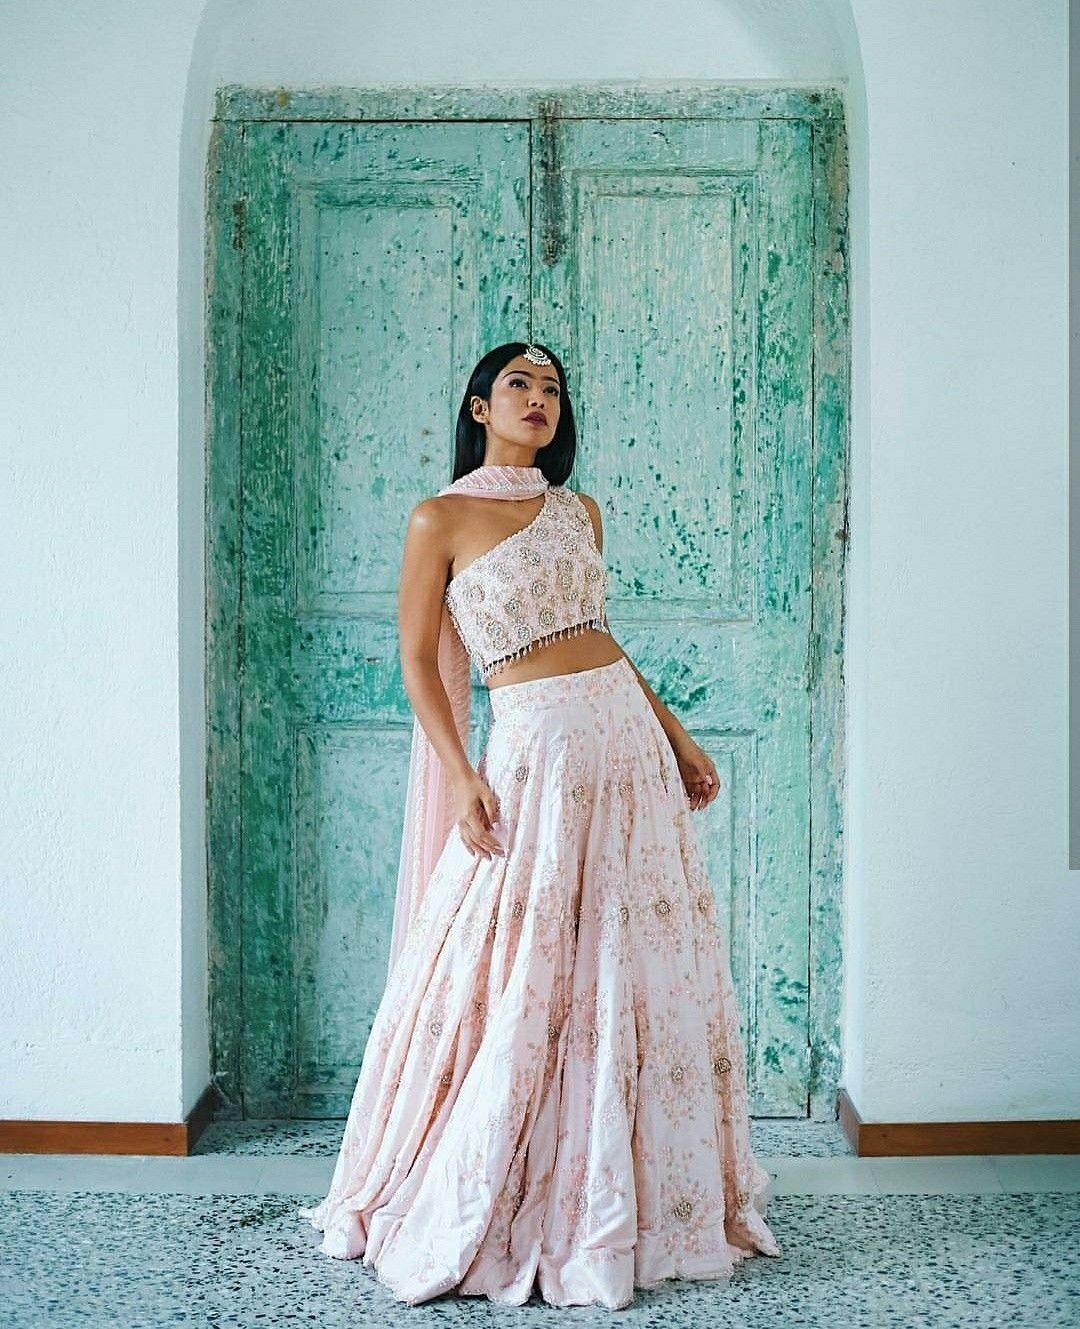 Pinterest : @vandanabadlani• Indian wedding ideas and inspiration ...